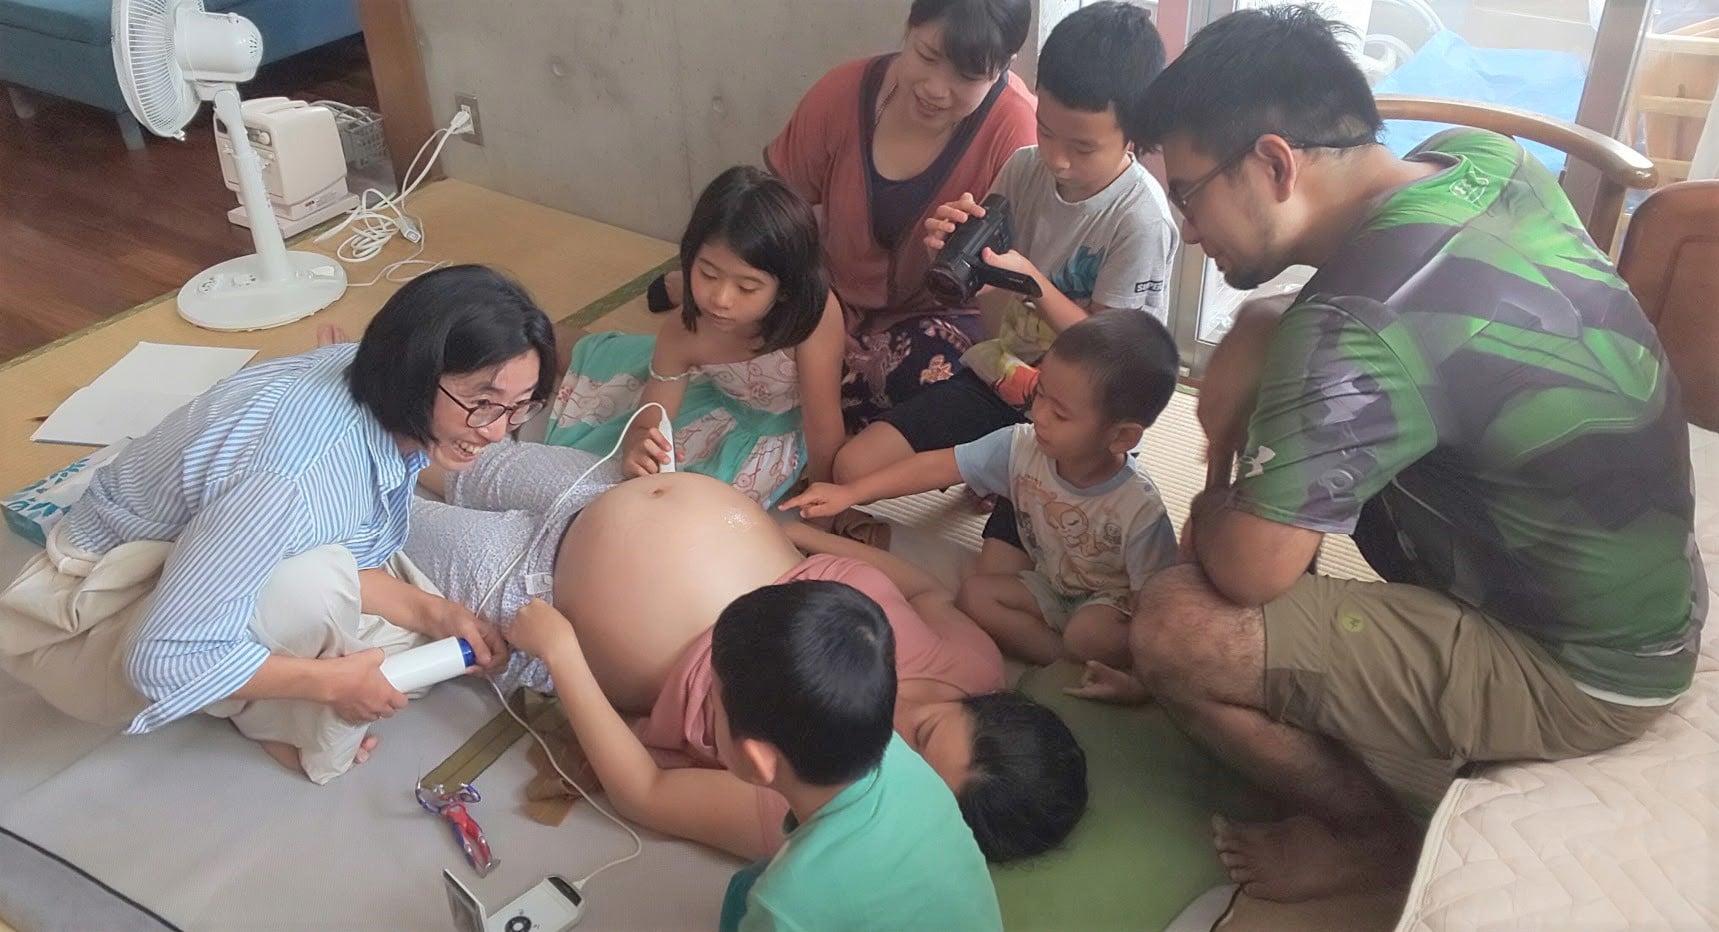 安産サポート 妊娠中から継続サポート 2回目以降のイメージその2